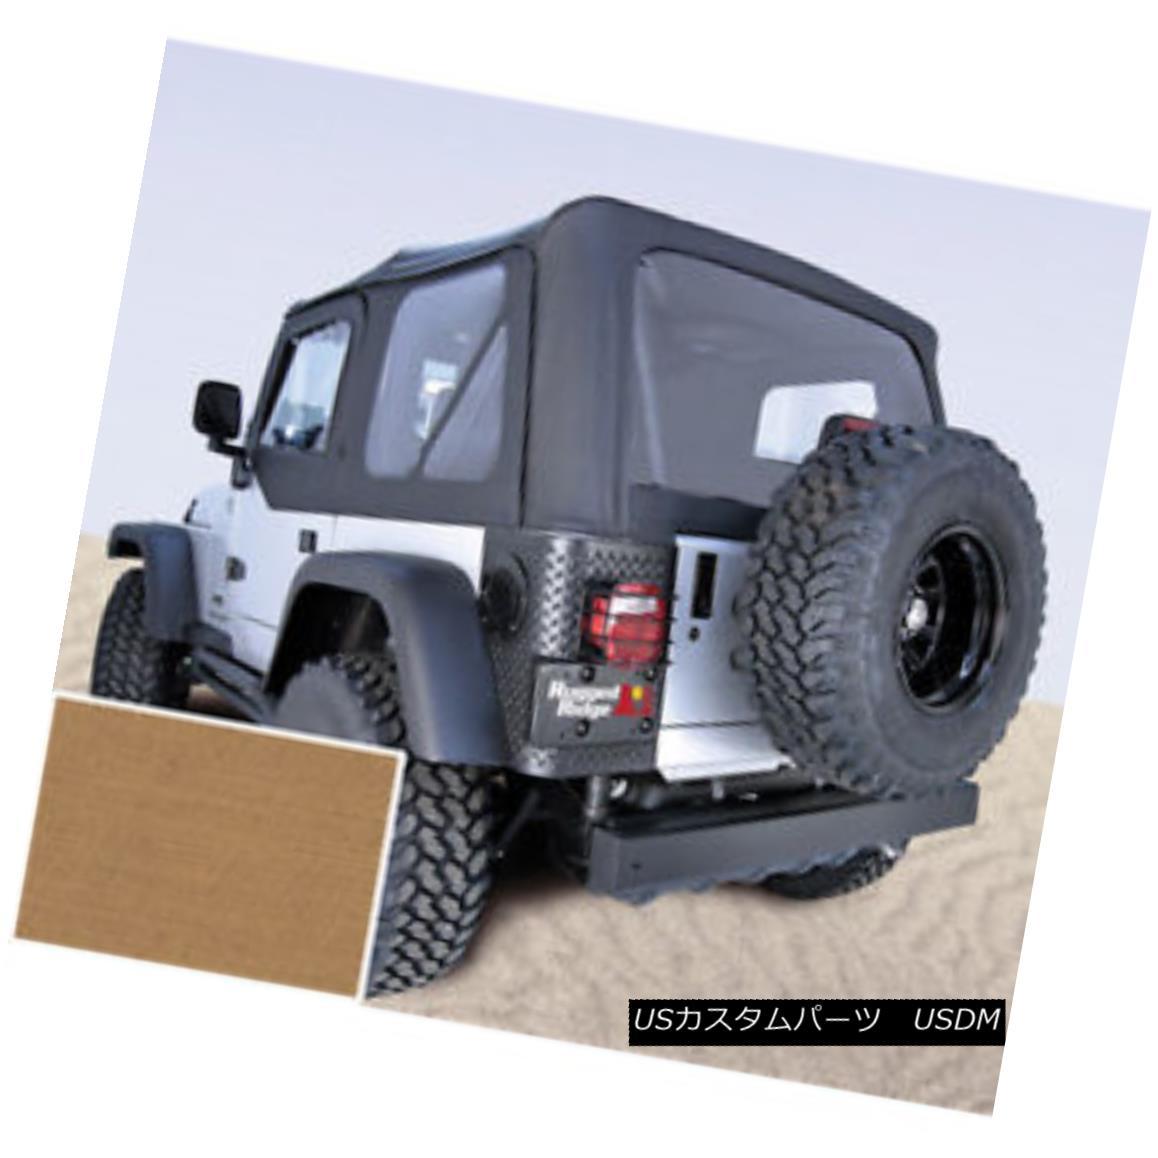 幌・ソフトトップ Rugged Ridge 13725.37 XHD Soft Top Spice Clear Windows 97-06 Jeep Wrangler 頑丈なリッジ13725.37 XHDソフトトップスパイスクリアWindows 97-06ジープラングラー